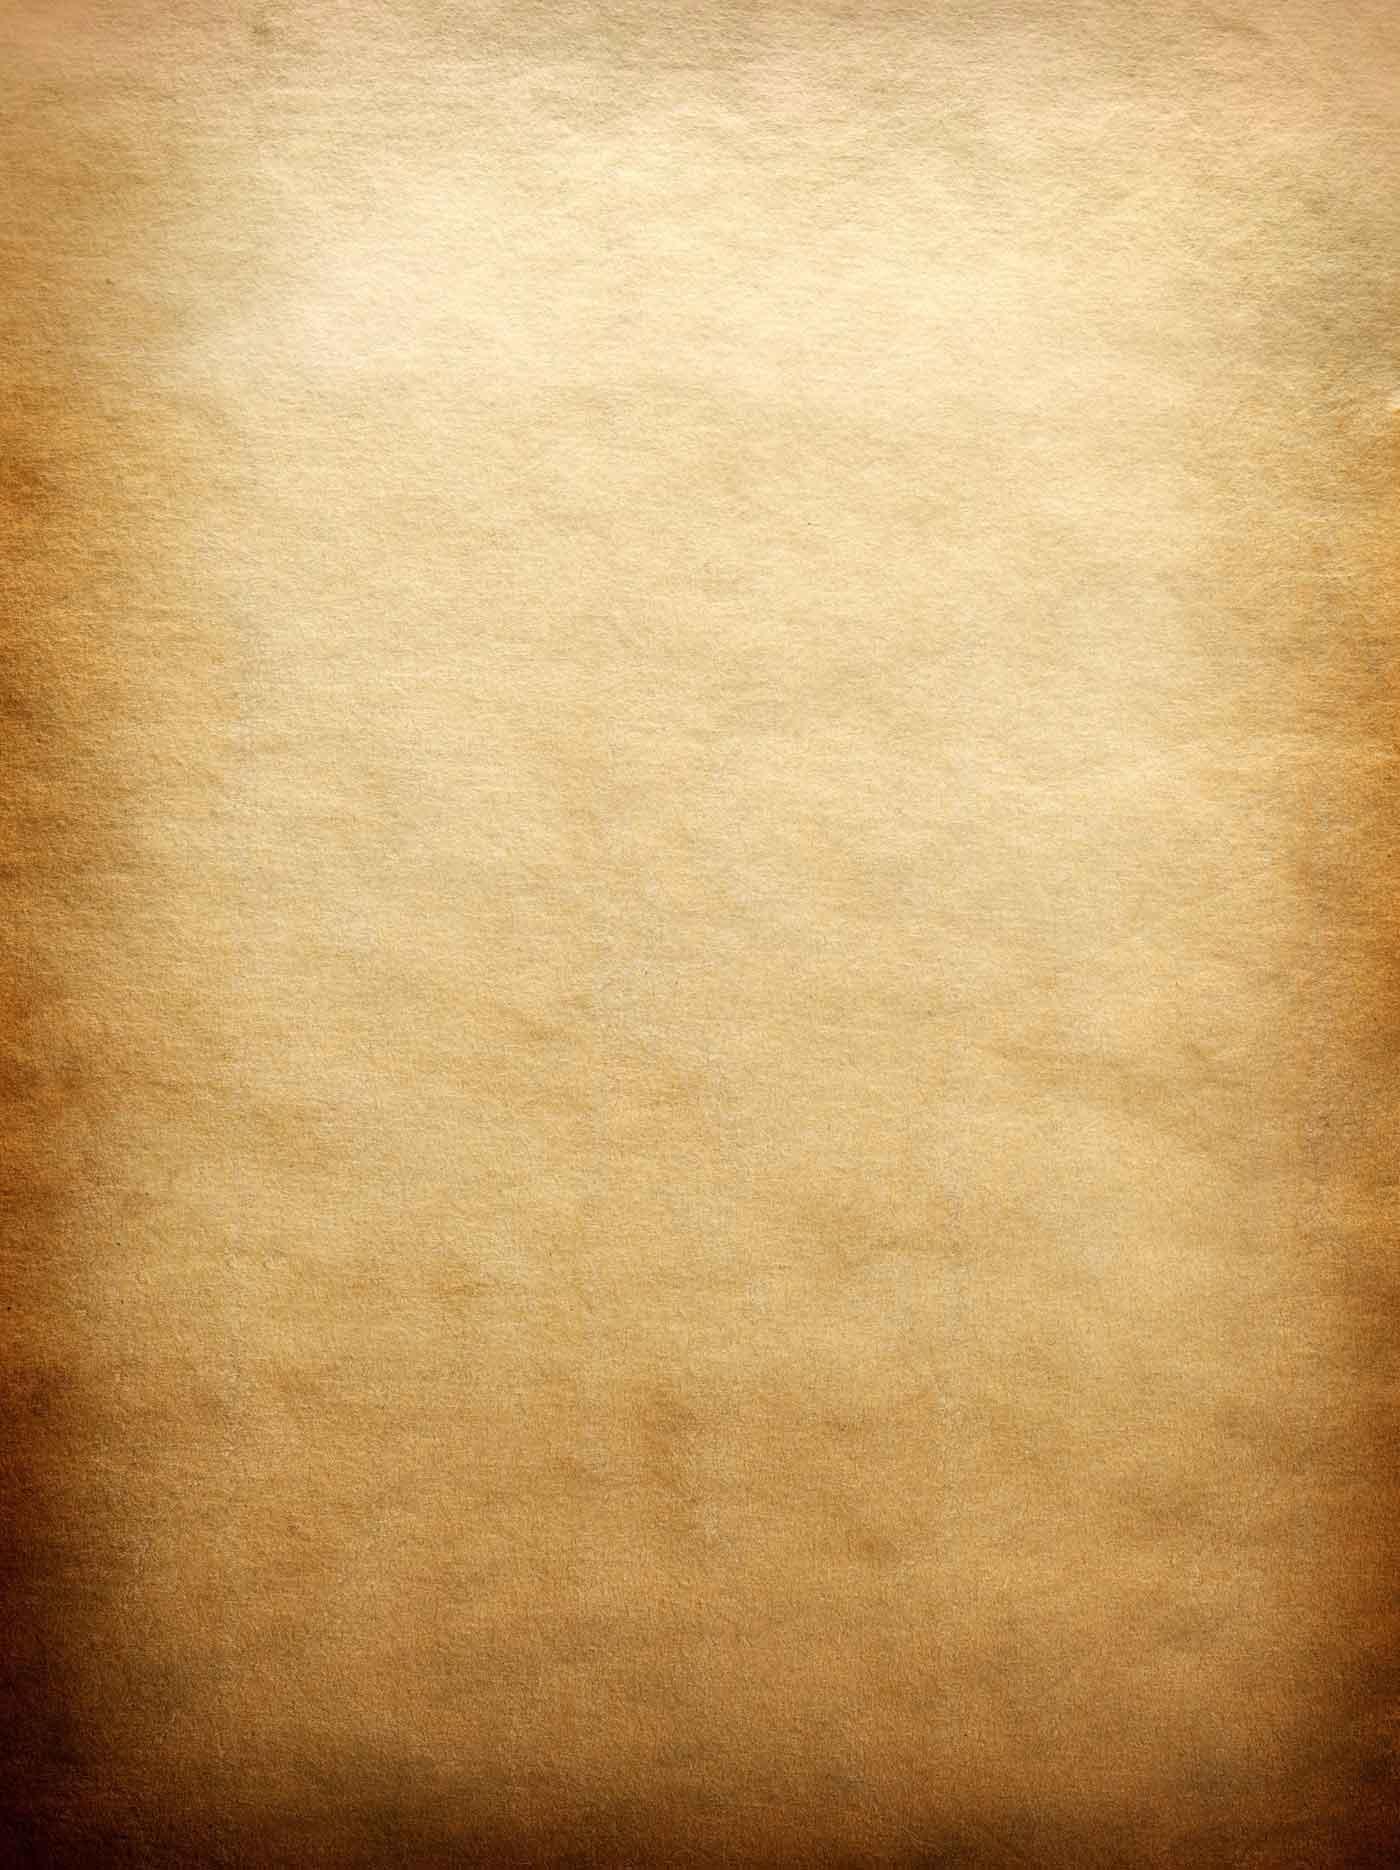 bg-parchment